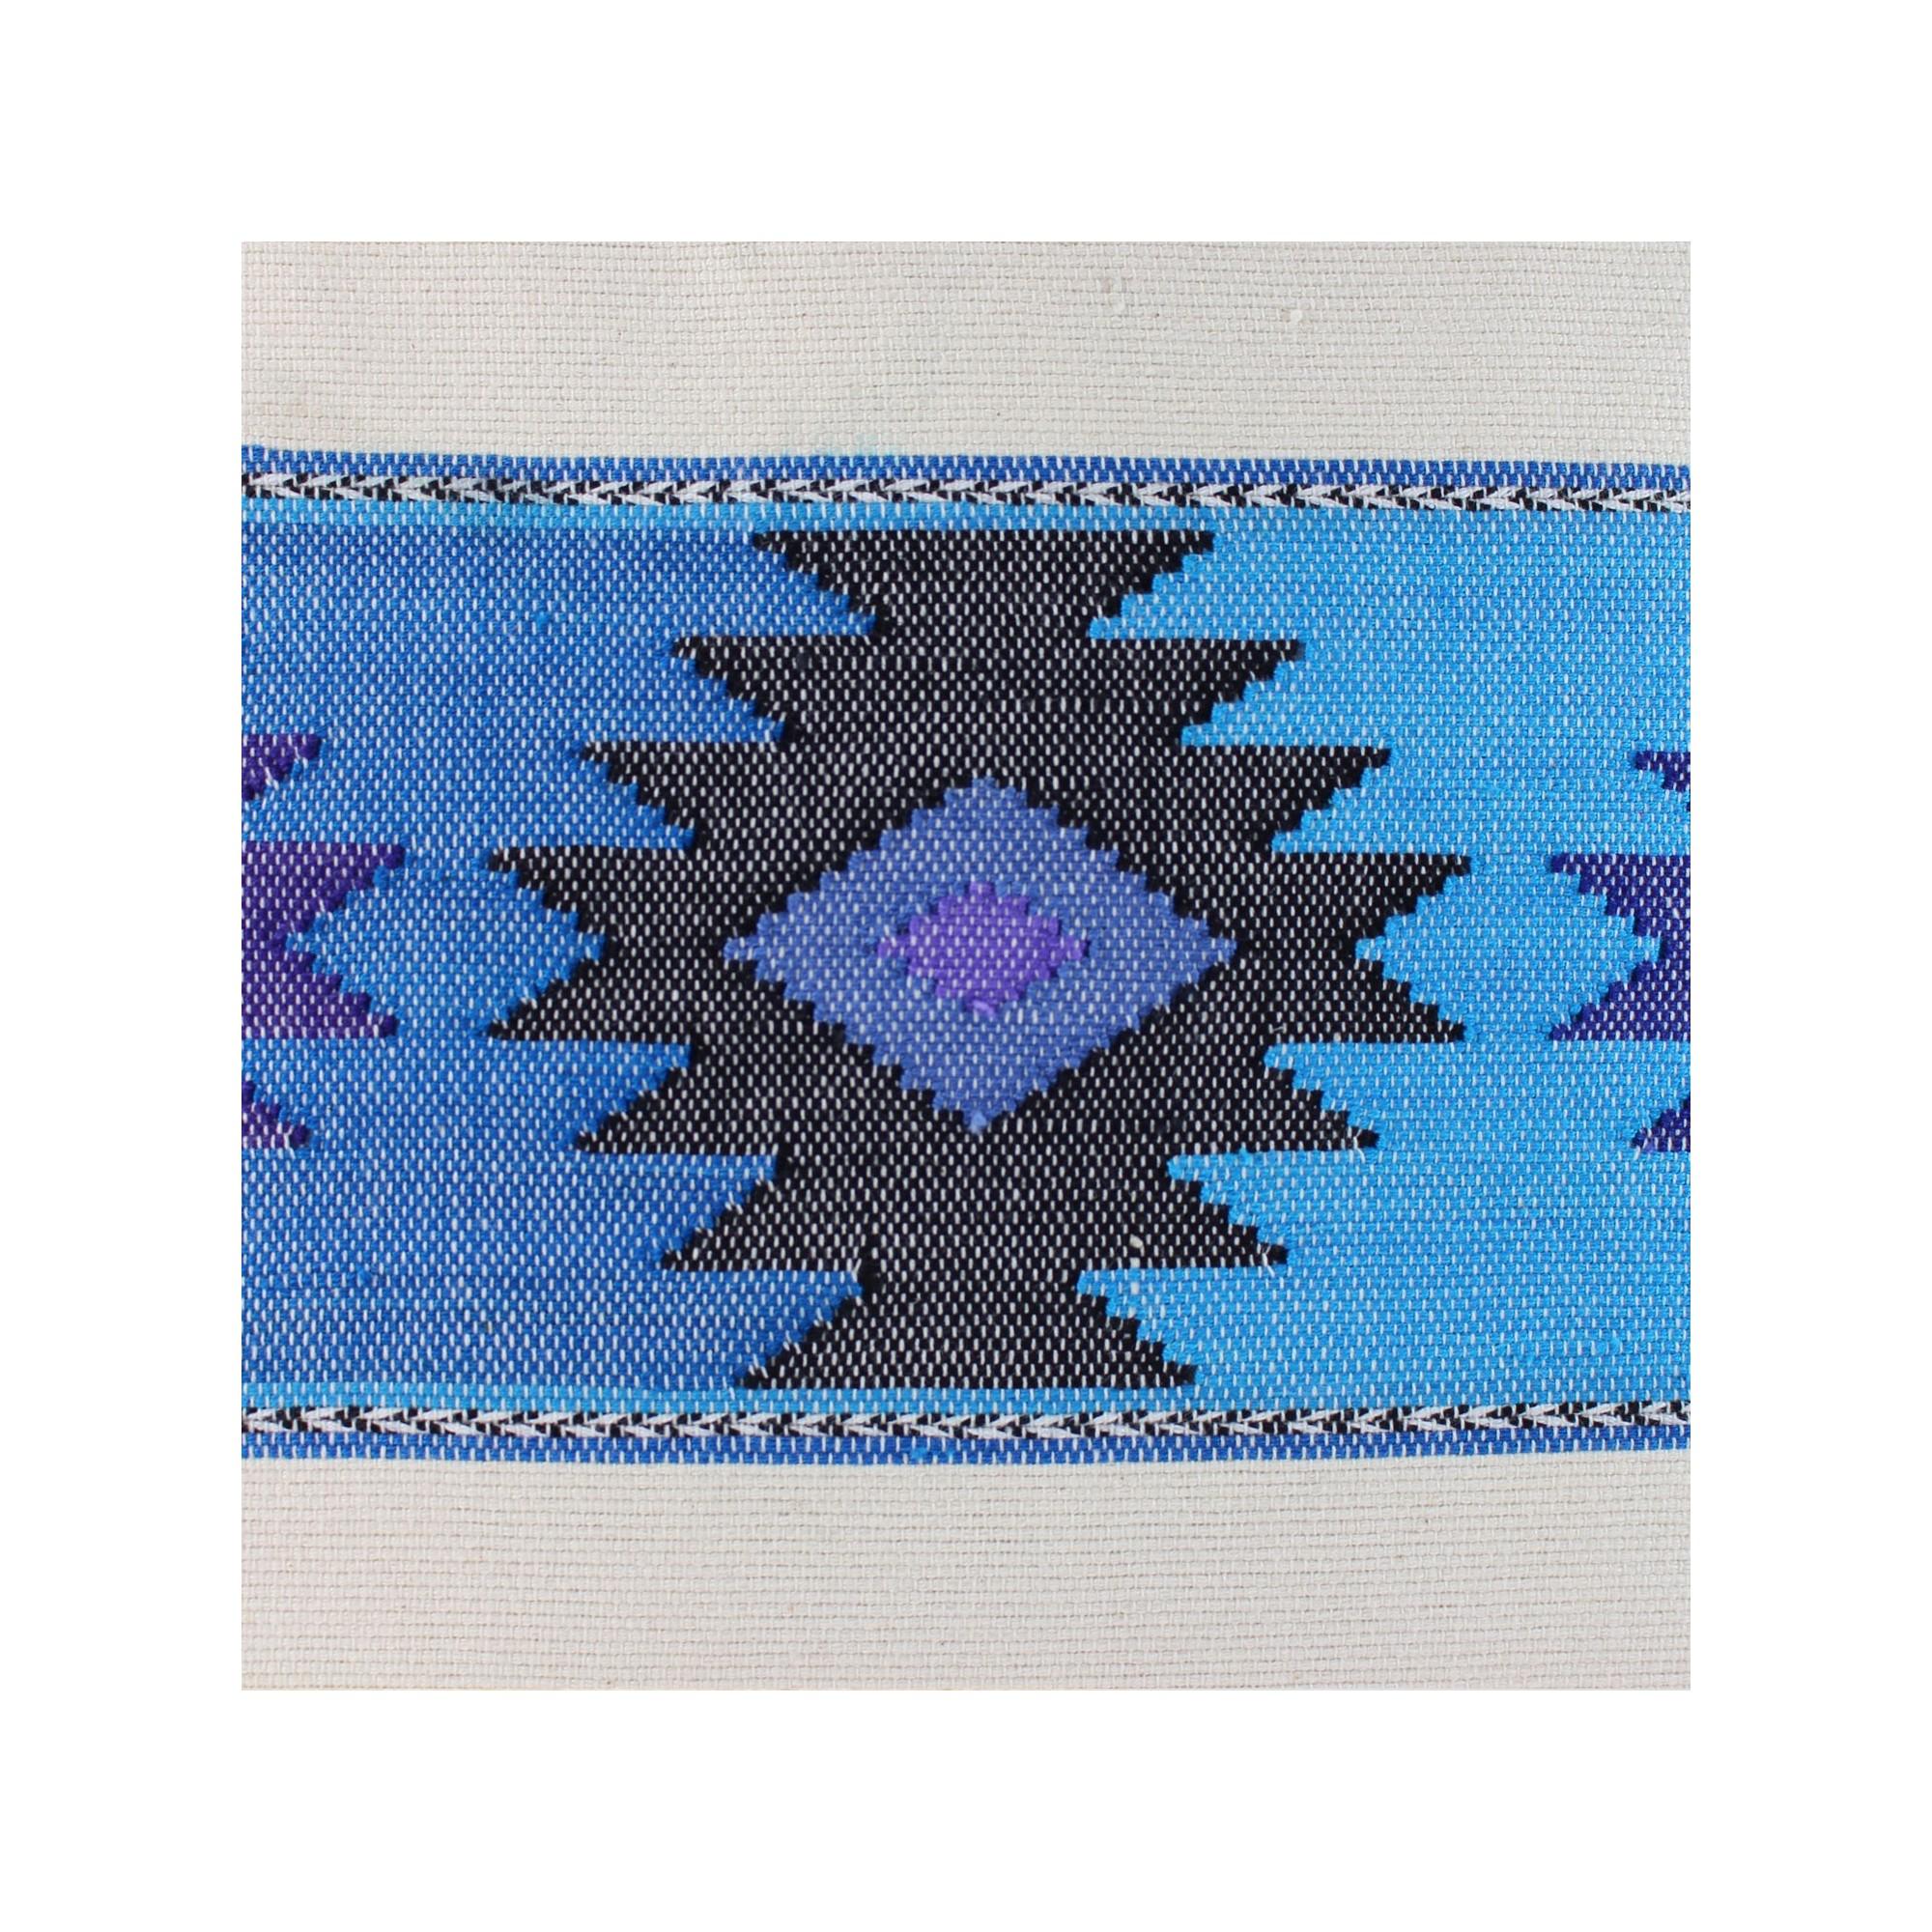 sofakissen grecas blau einseitig deko kissen 40 x 40 kaufen. Black Bedroom Furniture Sets. Home Design Ideas